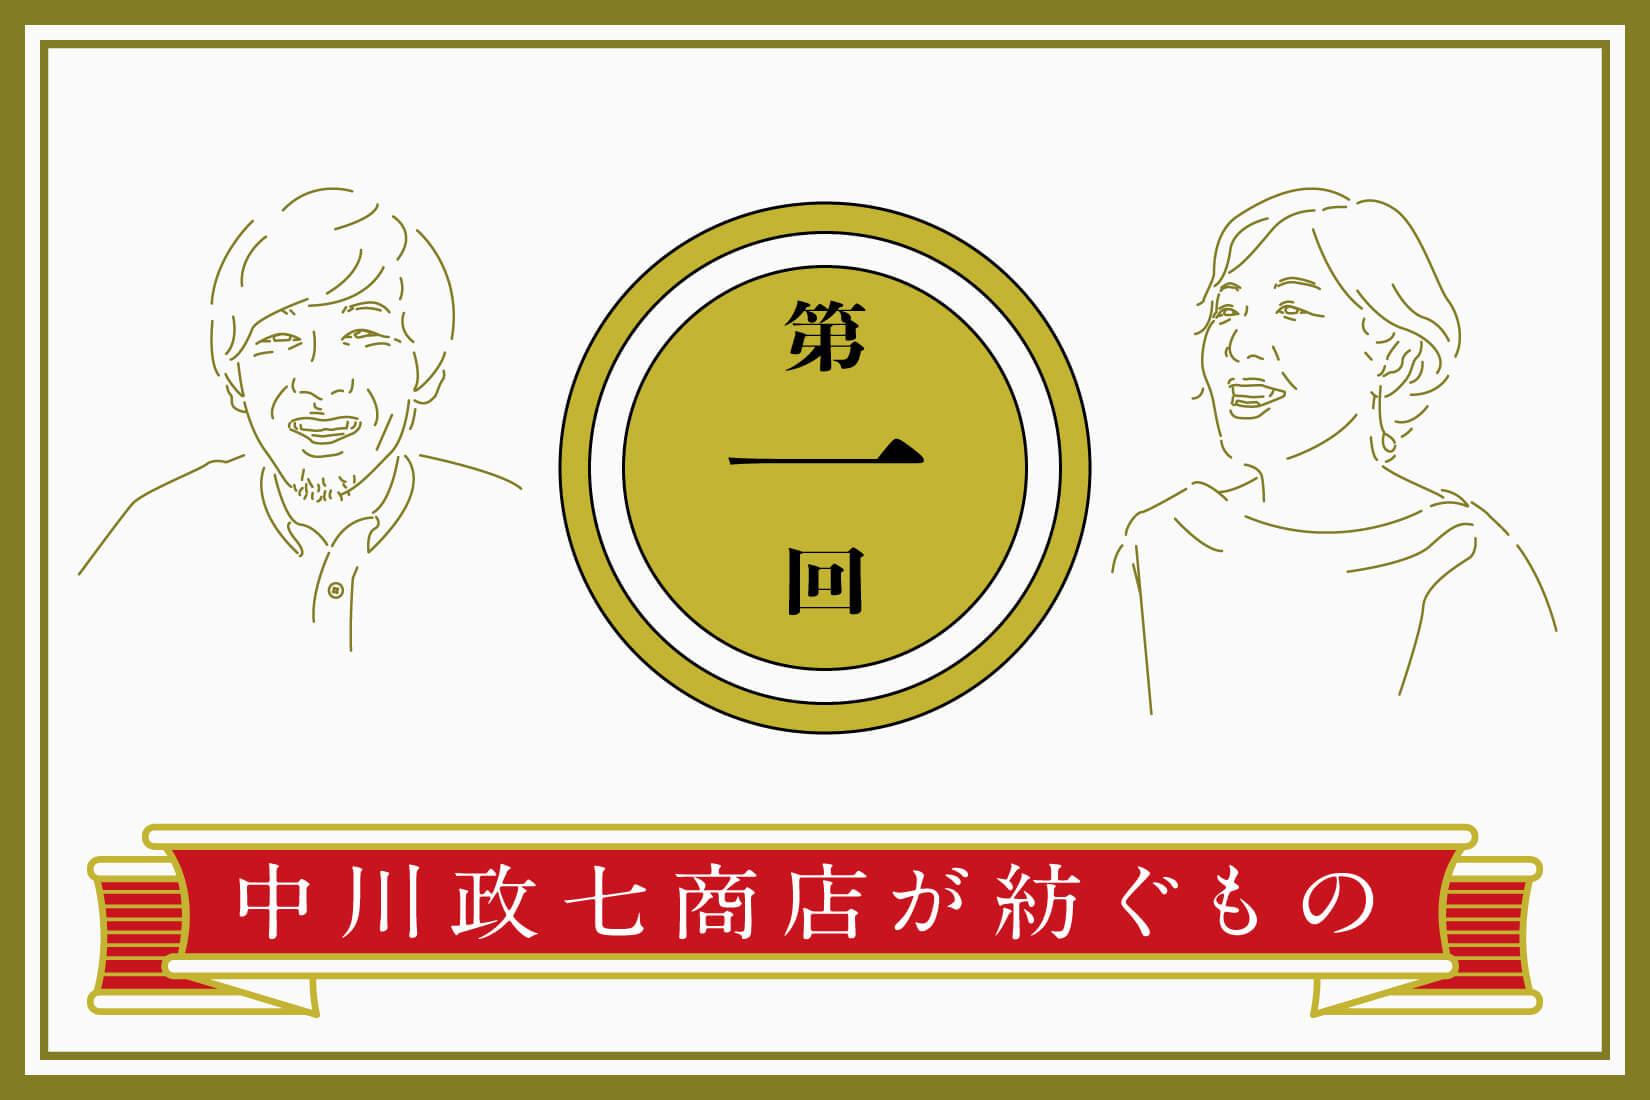 中川政七商店が紡ぐもの<br>第1回